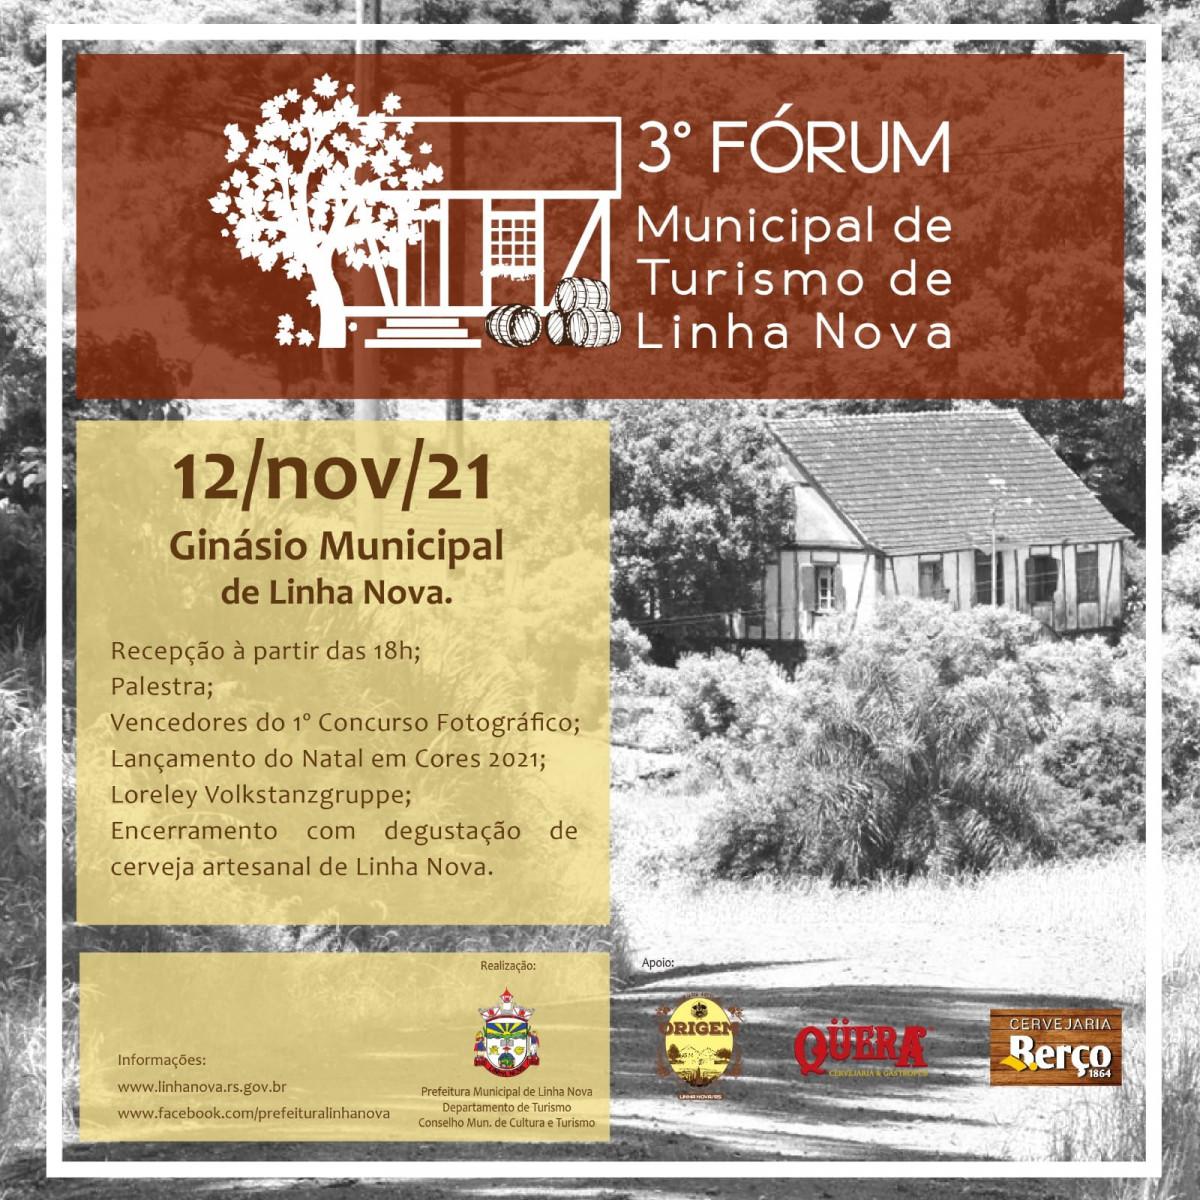 3ª edição do Fórum Municipal de Turismo acontecerá dia 12 de Novembro